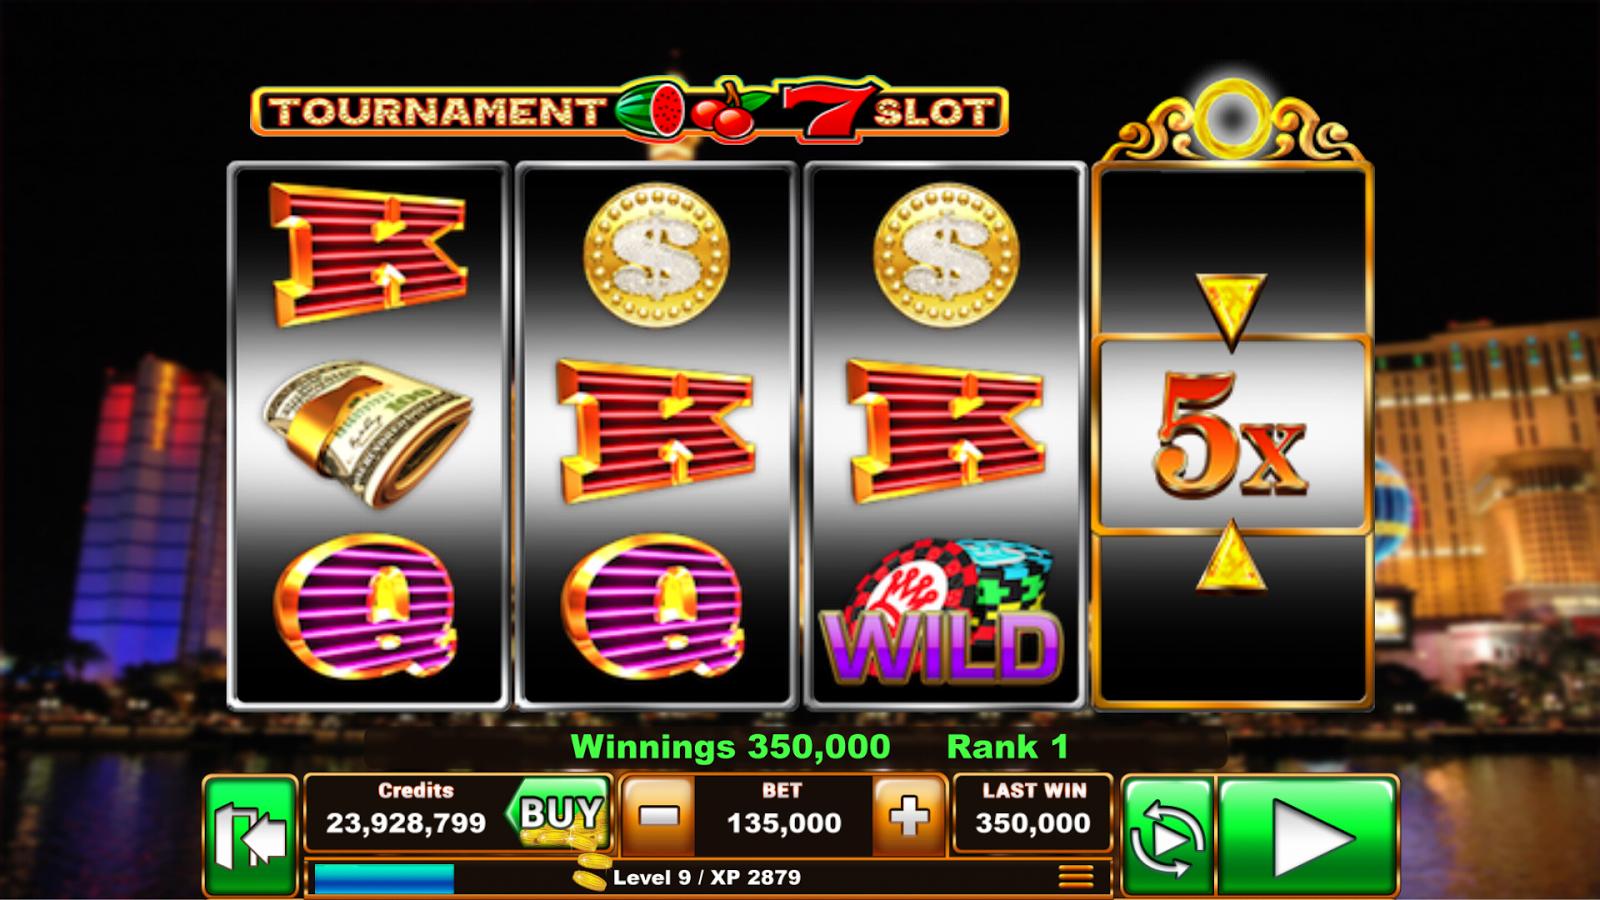 Como se gana en las maquinas tragamonedas torneos de slots-85064